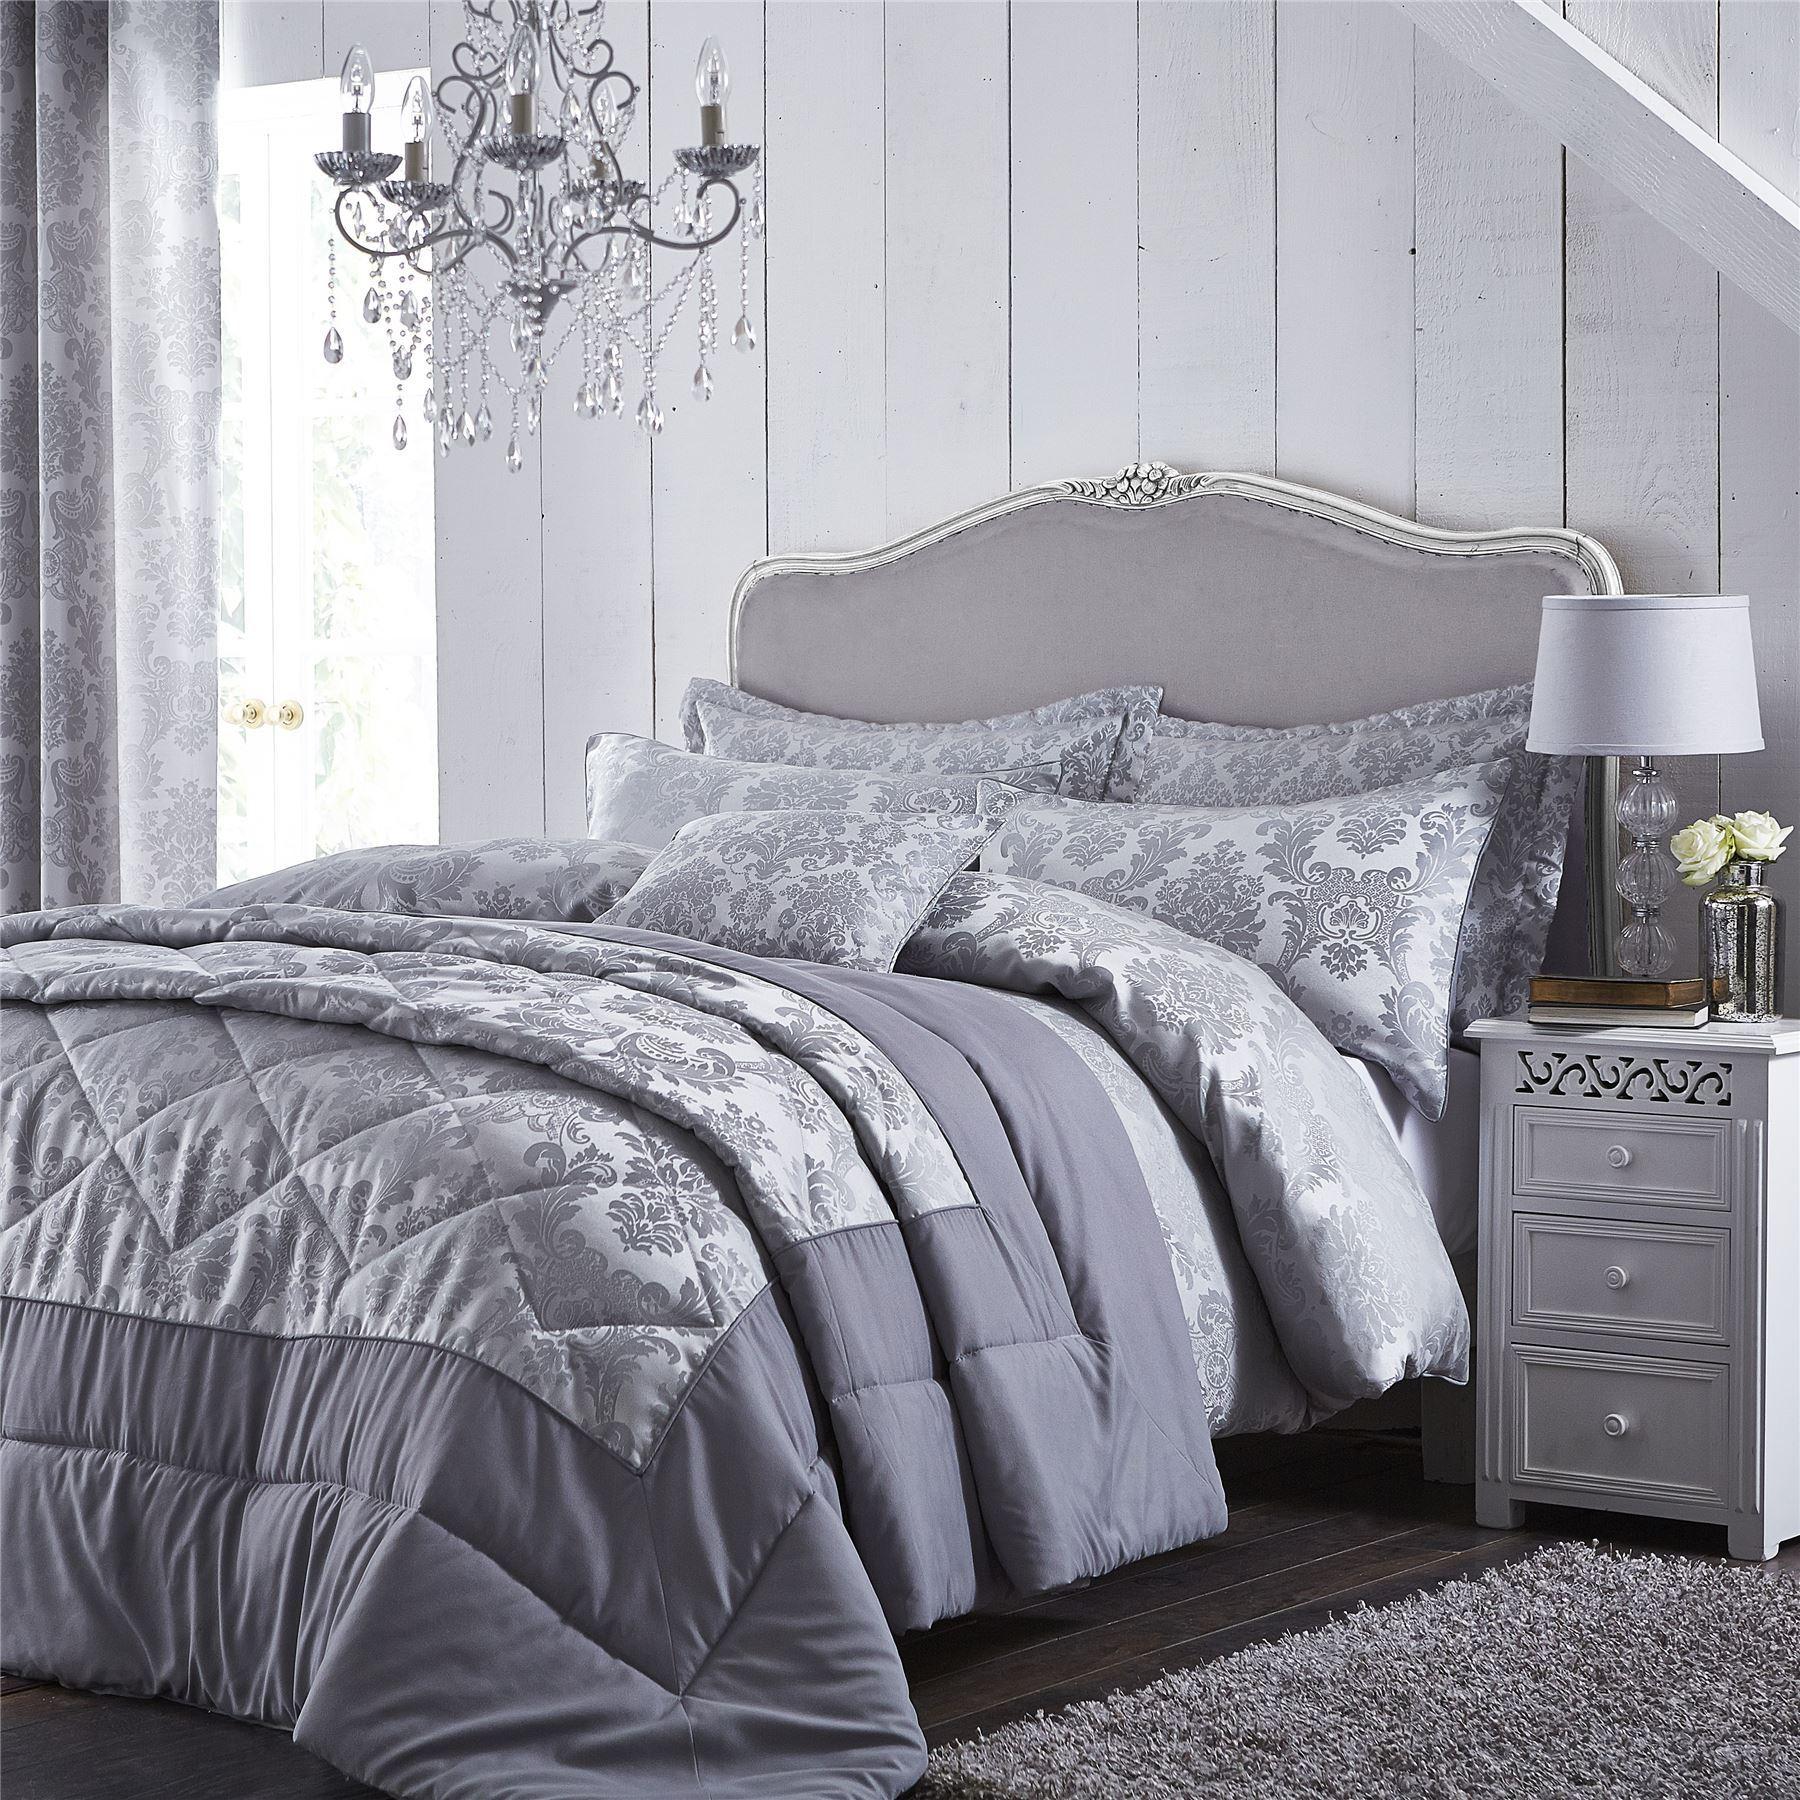 damask jacquard duvet quilt cover set double king size. Black Bedroom Furniture Sets. Home Design Ideas